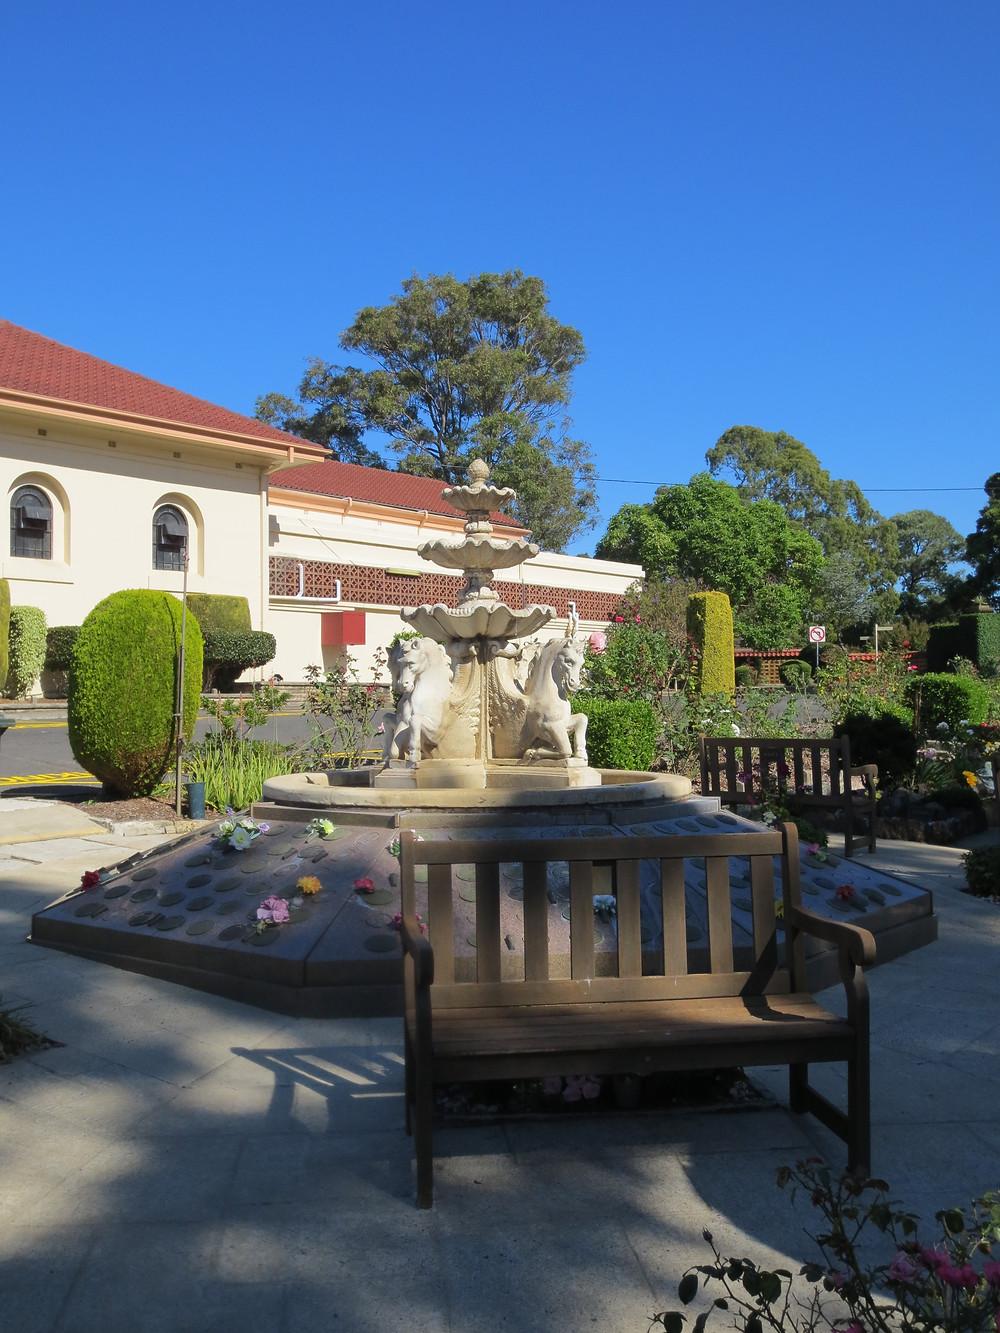 Rookwood Memorial Gardens